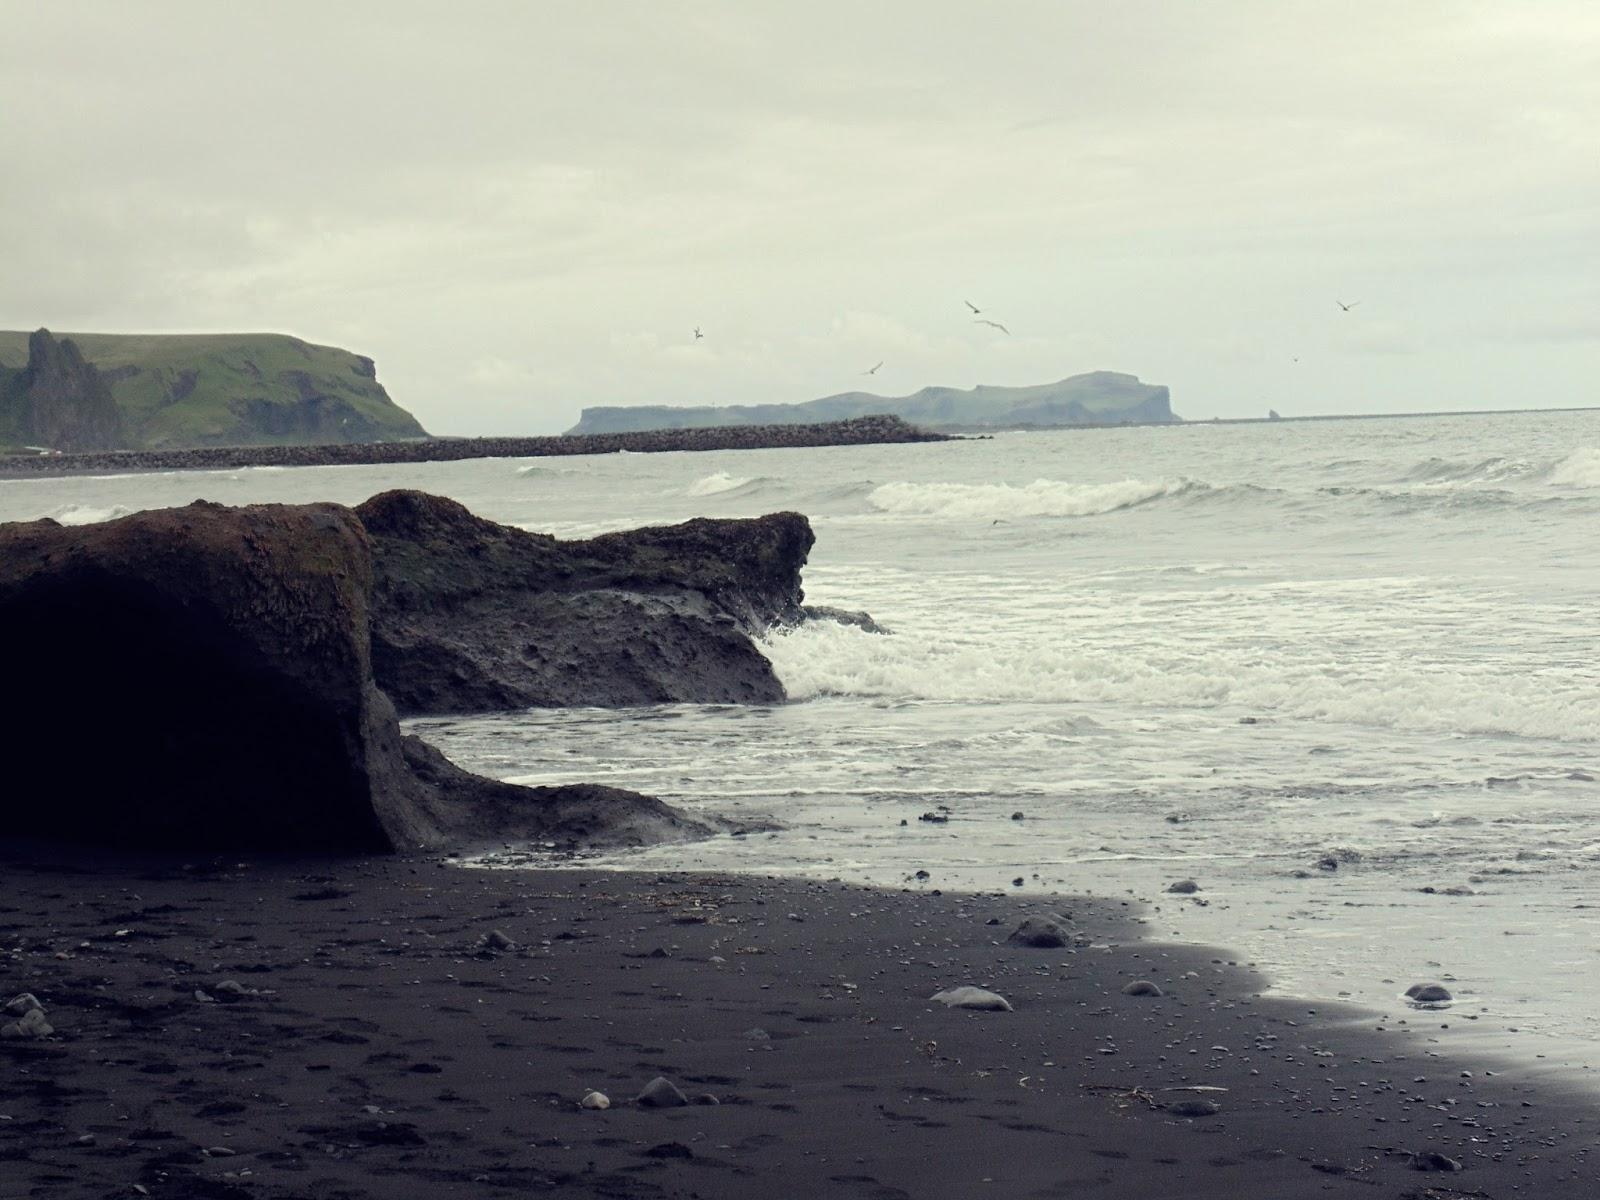 plaża w Viku, Vik, islandzkie miasto, islandzkie miasteczko, islandzka plaża, czarna plaża w Islandii, Islandia, południowa Islandia, brzydka Islandia